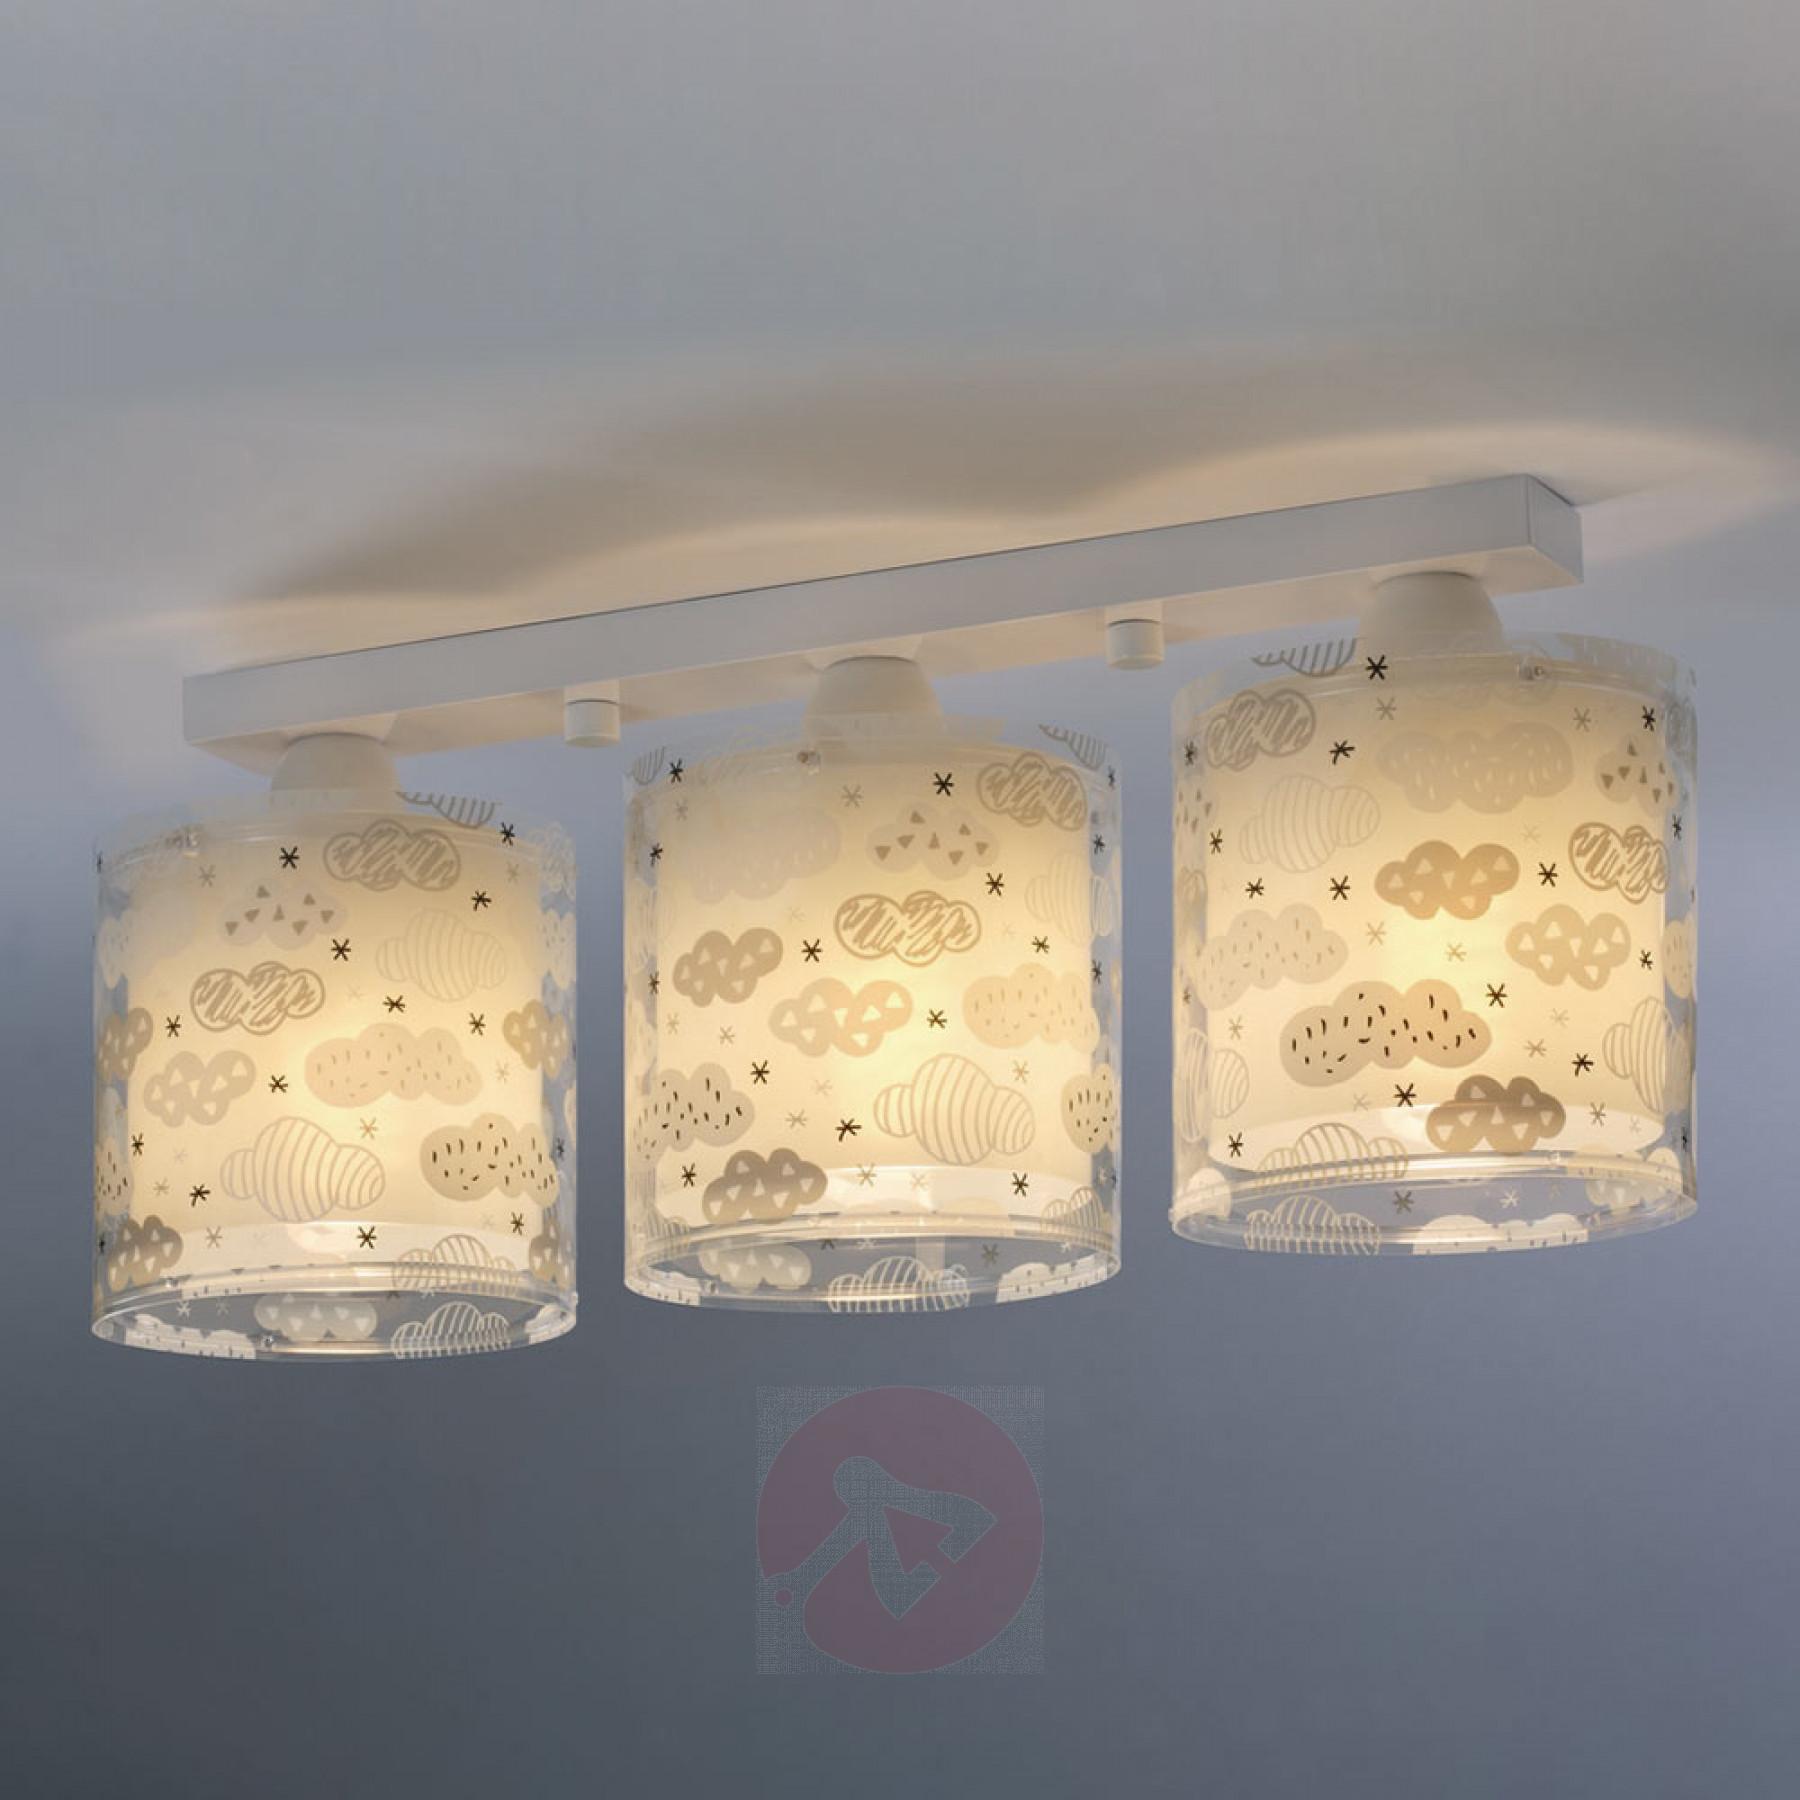 Full Size of Deckenlampe Clouds Fr Kinderzimmer 3 Flammig Grau Kaufen Deckenlampen Für Wohnzimmer Modern Regal Sofa Weiß Regale Kinderzimmer Deckenlampen Kinderzimmer